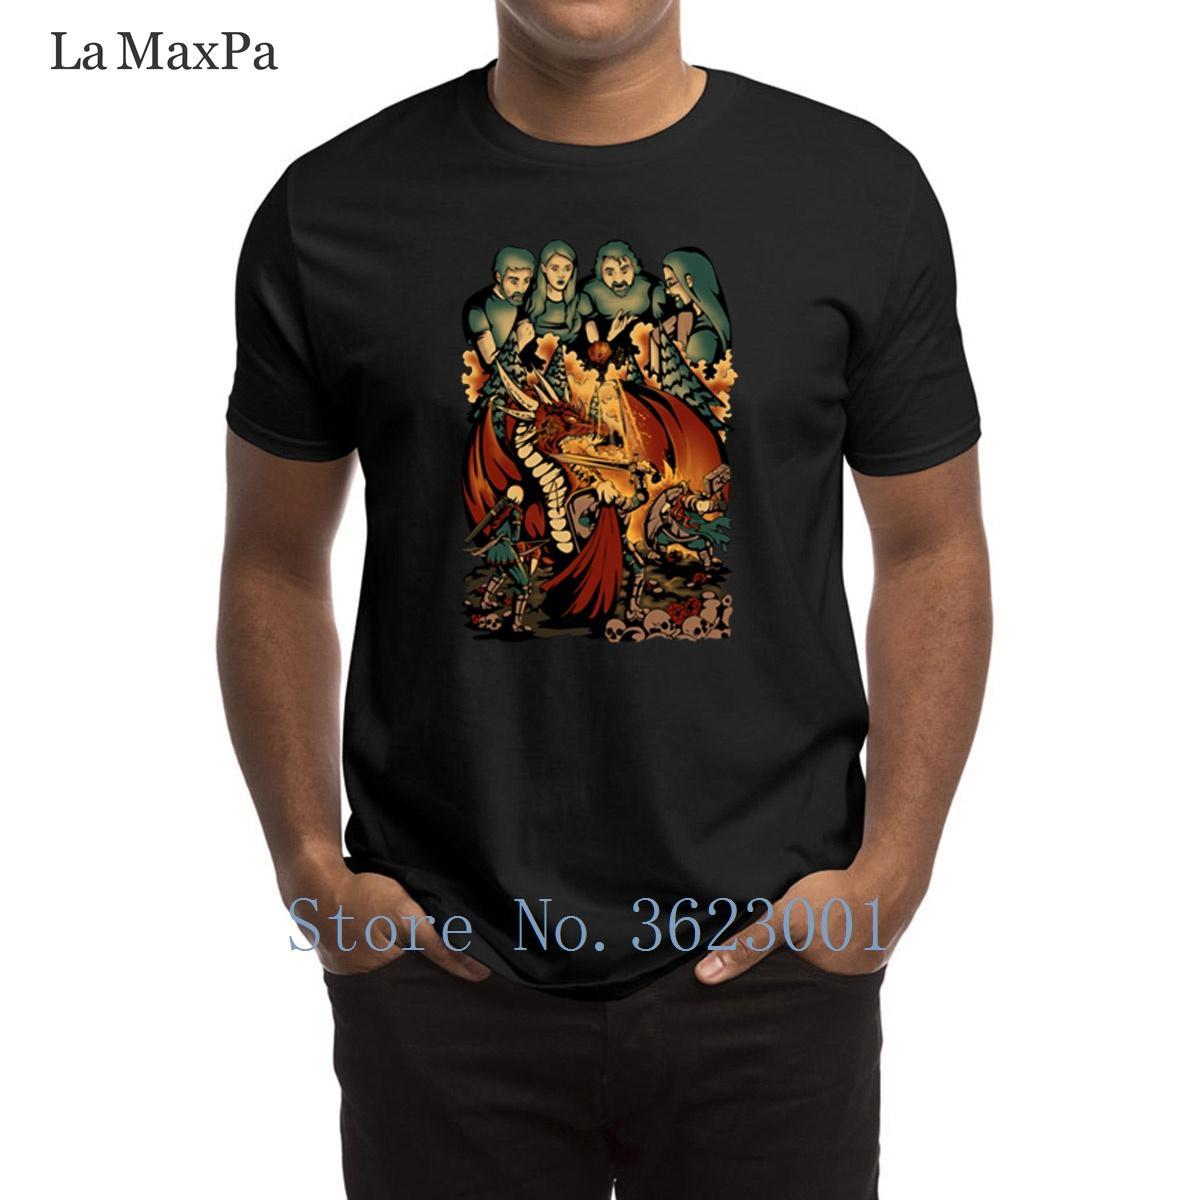 T-Shirt For Men I Role-o camisetas para homens Humorous Costume Camiseta Homem agradável Crew Neck camiseta alta qualidade única criatura